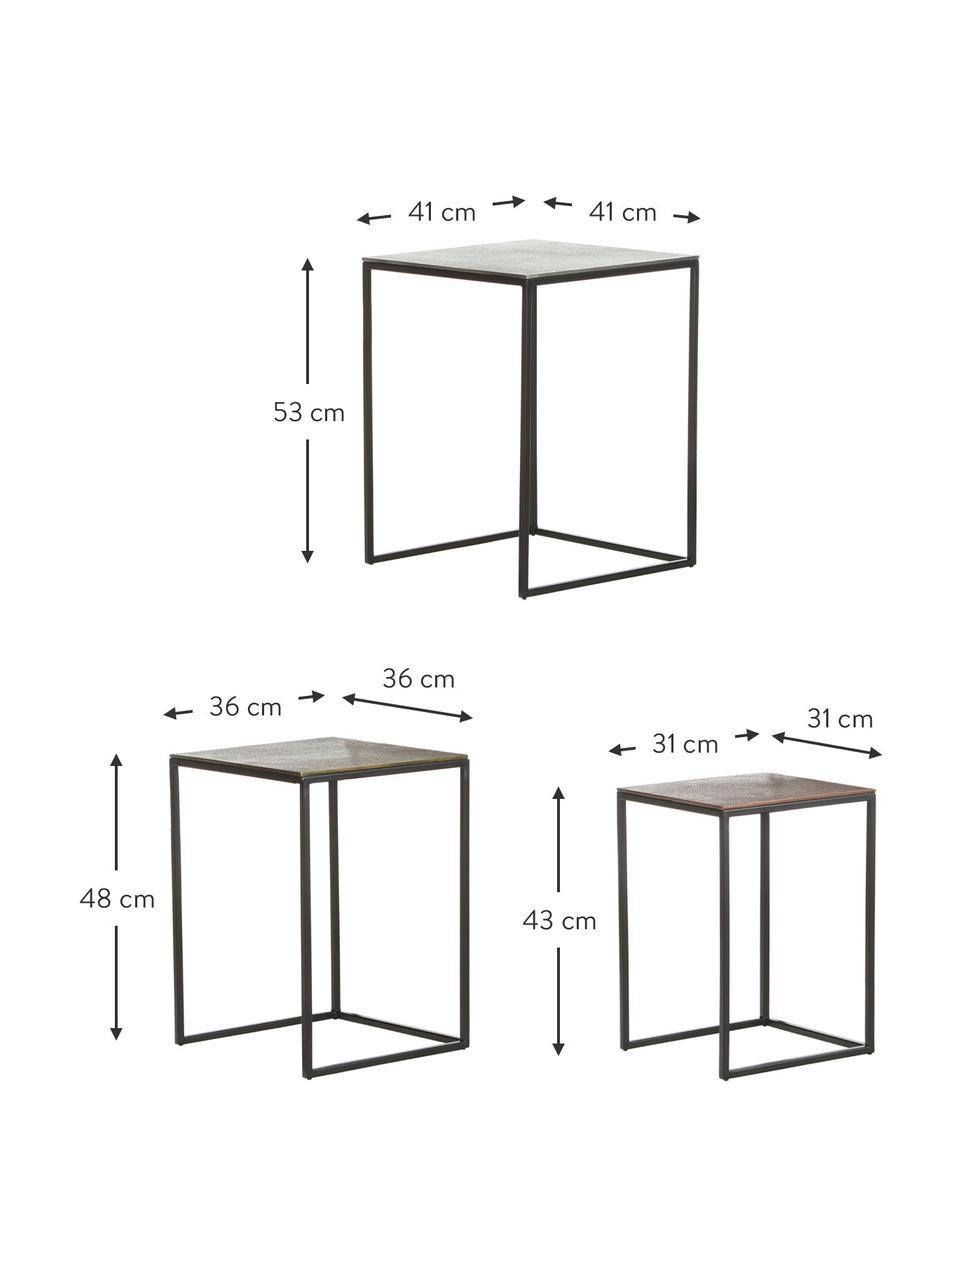 Metalen bijzettafelset Dwayne, 3-delig, Tafelblad: gecoat aluminium, Frame: gelakt metaal, Zilverkleurig, messing, Set met verschillende formaten